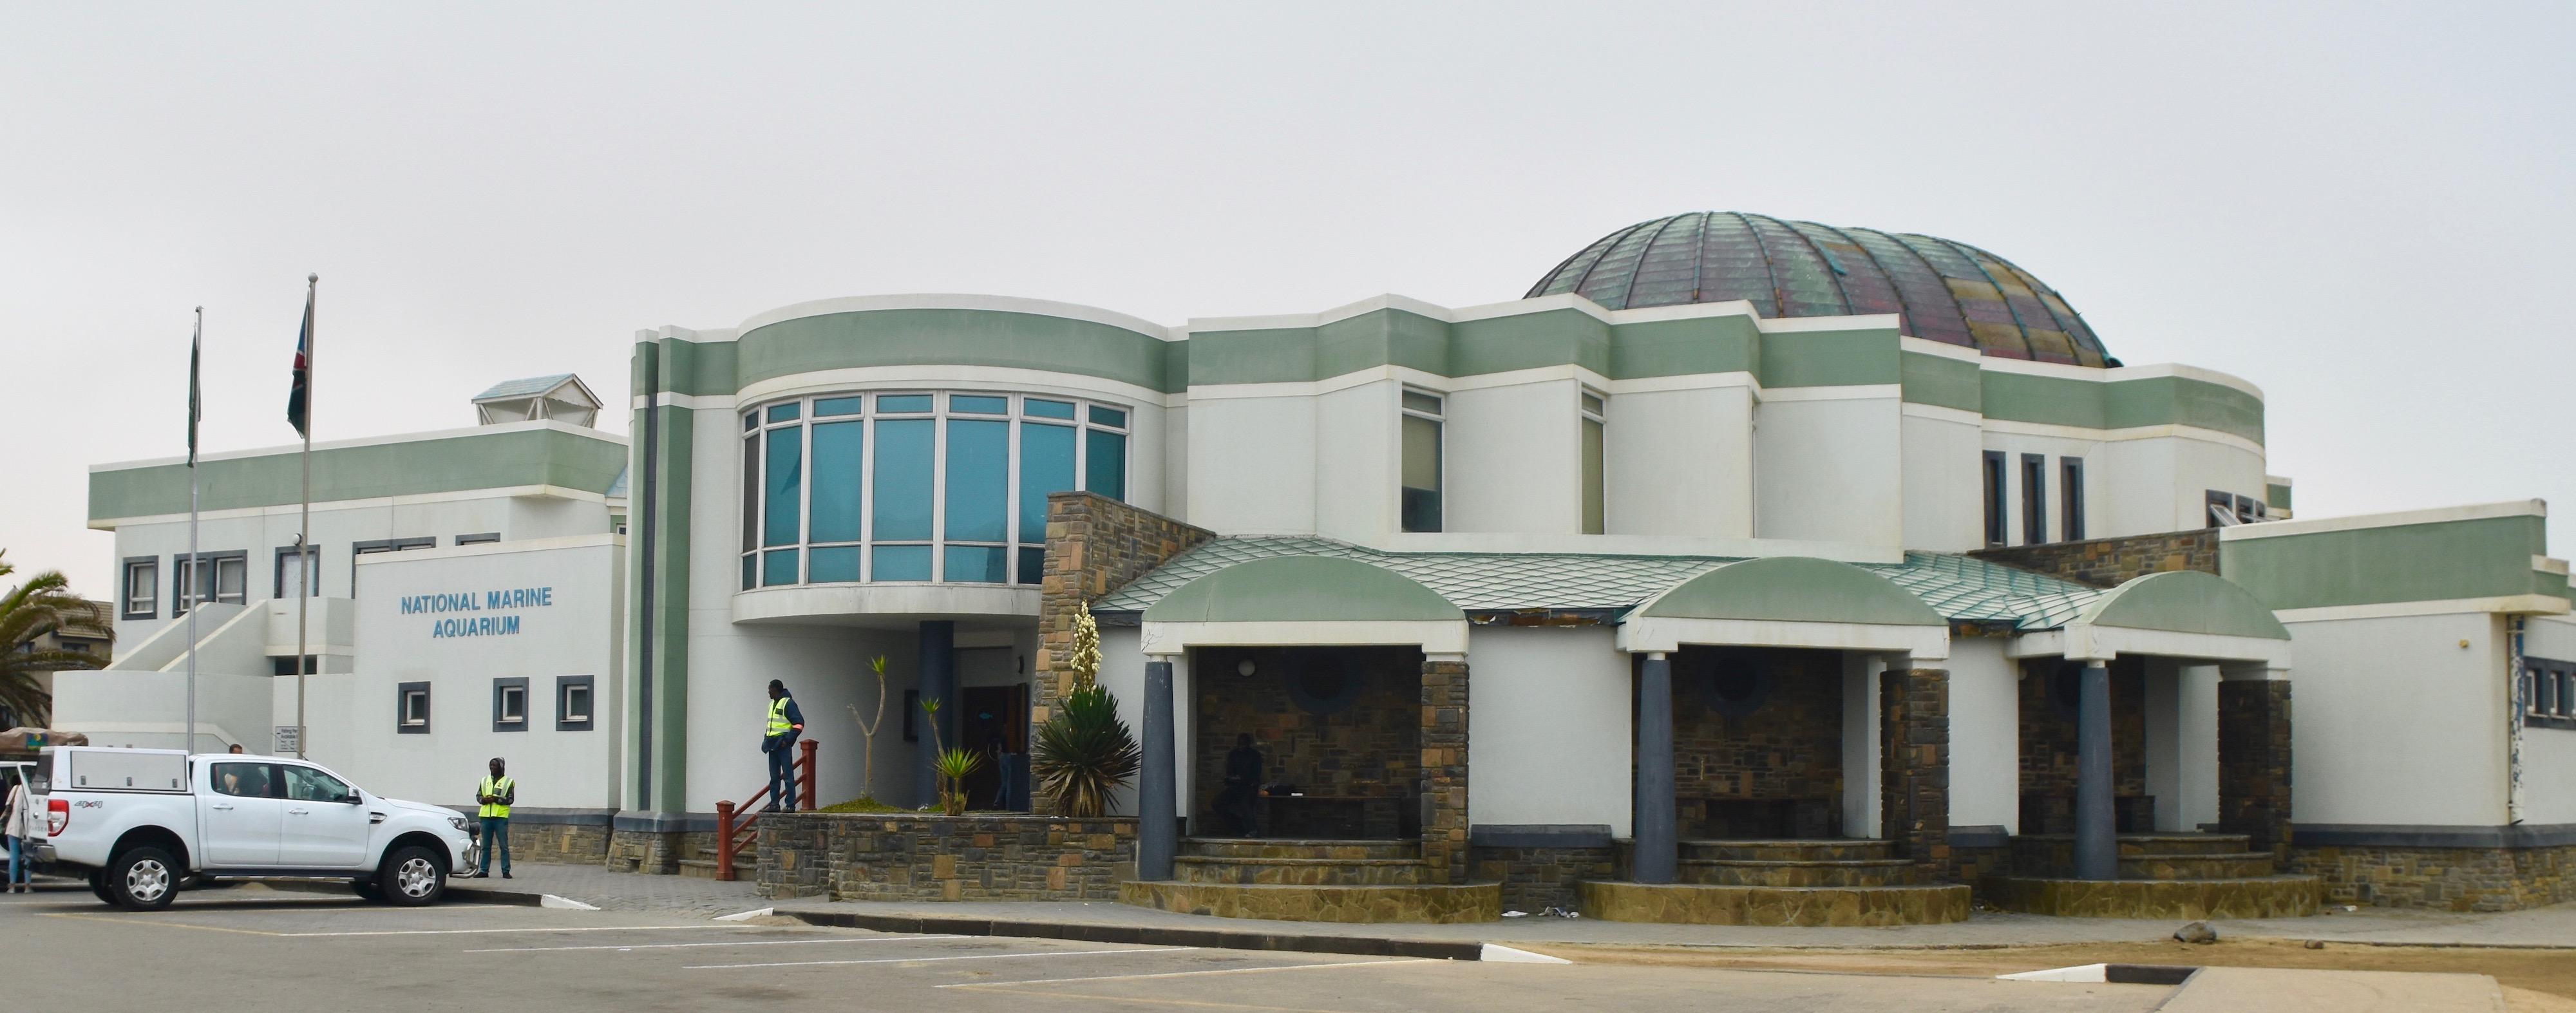 National Marine Aquarium, Swakopmund